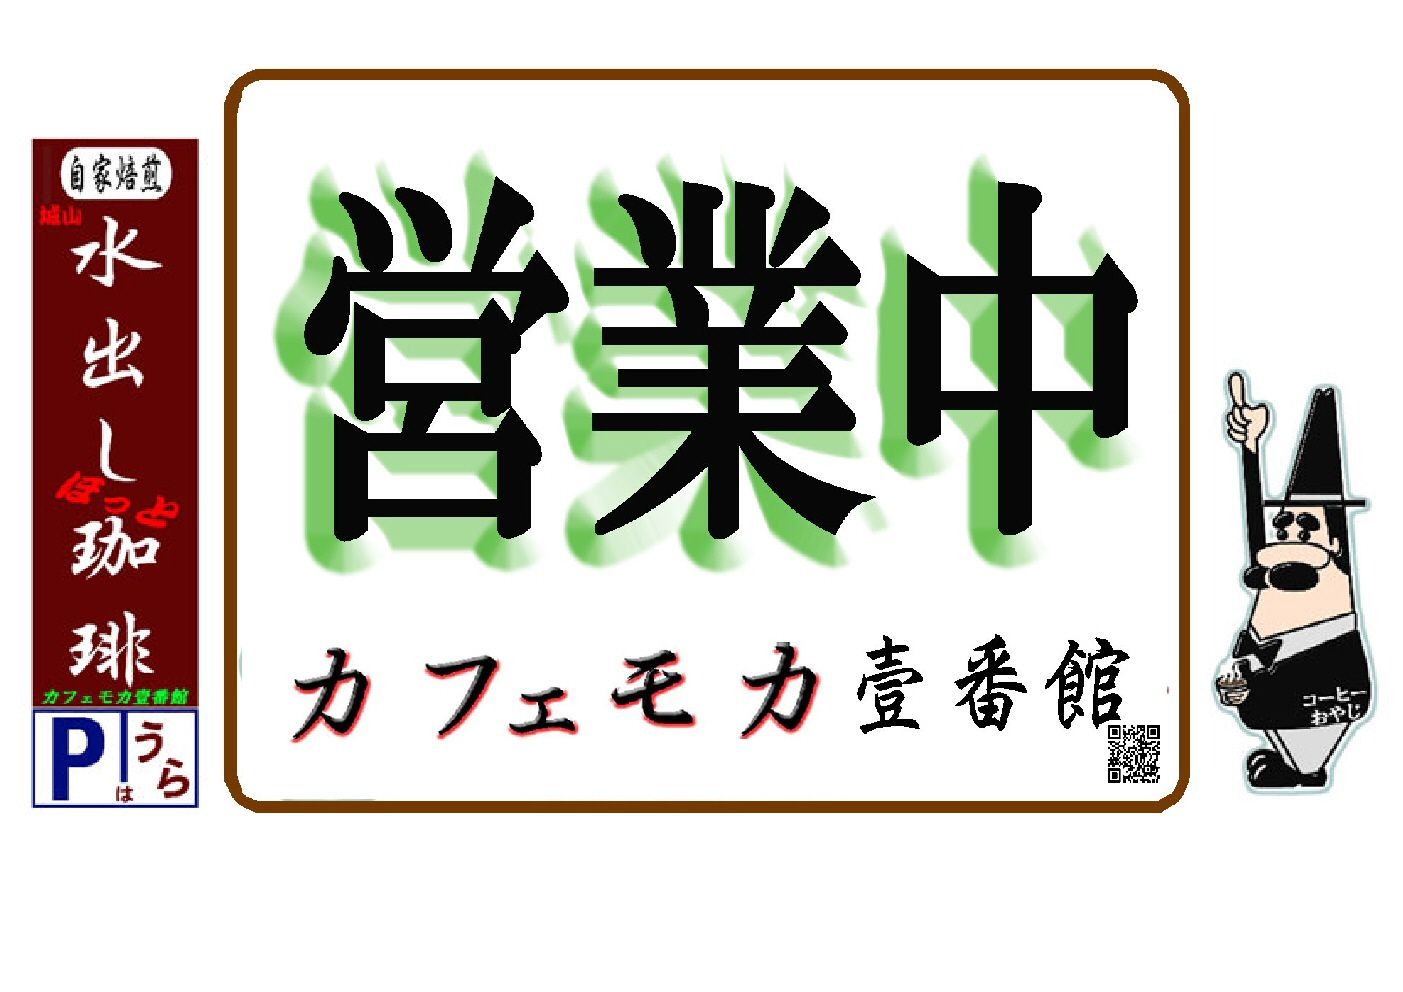 水出し珈琲「カフェモカ壹番館」 相模原市緑区川尻1611-16